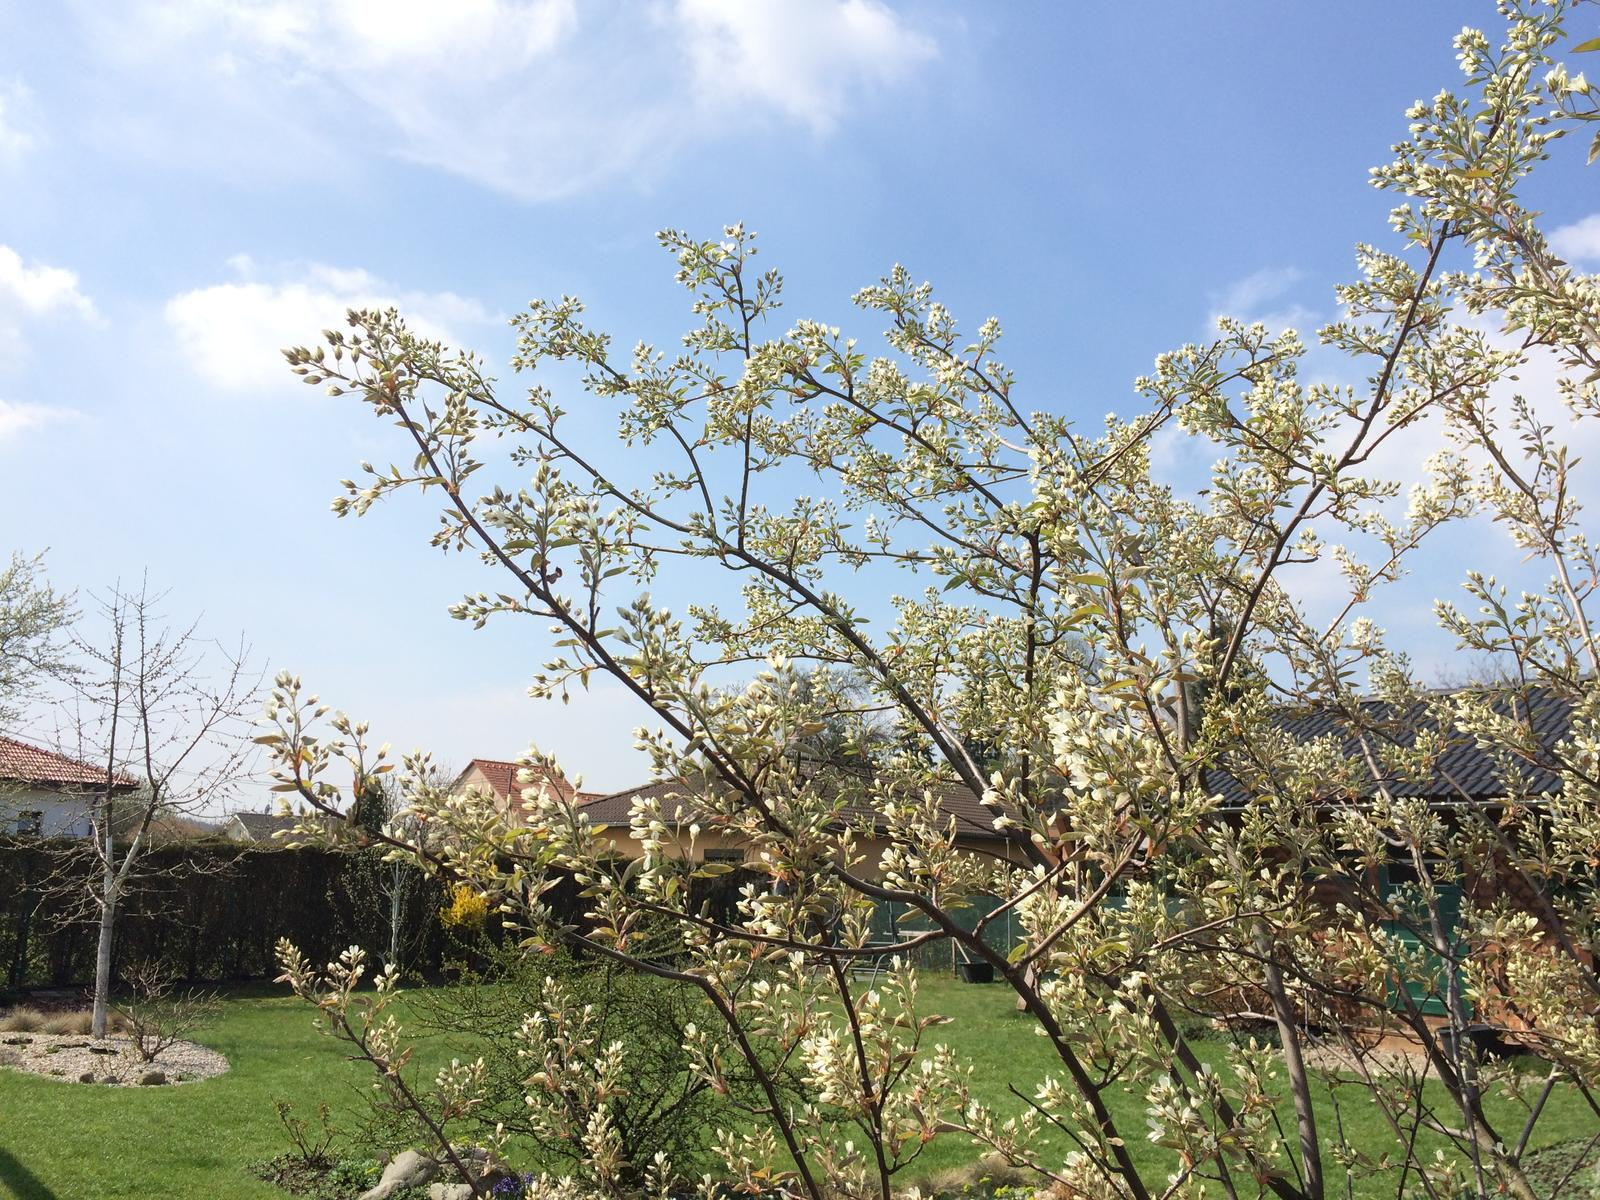 Dům i Zahrada 2019 - Muchovník těsně před rozkvětem